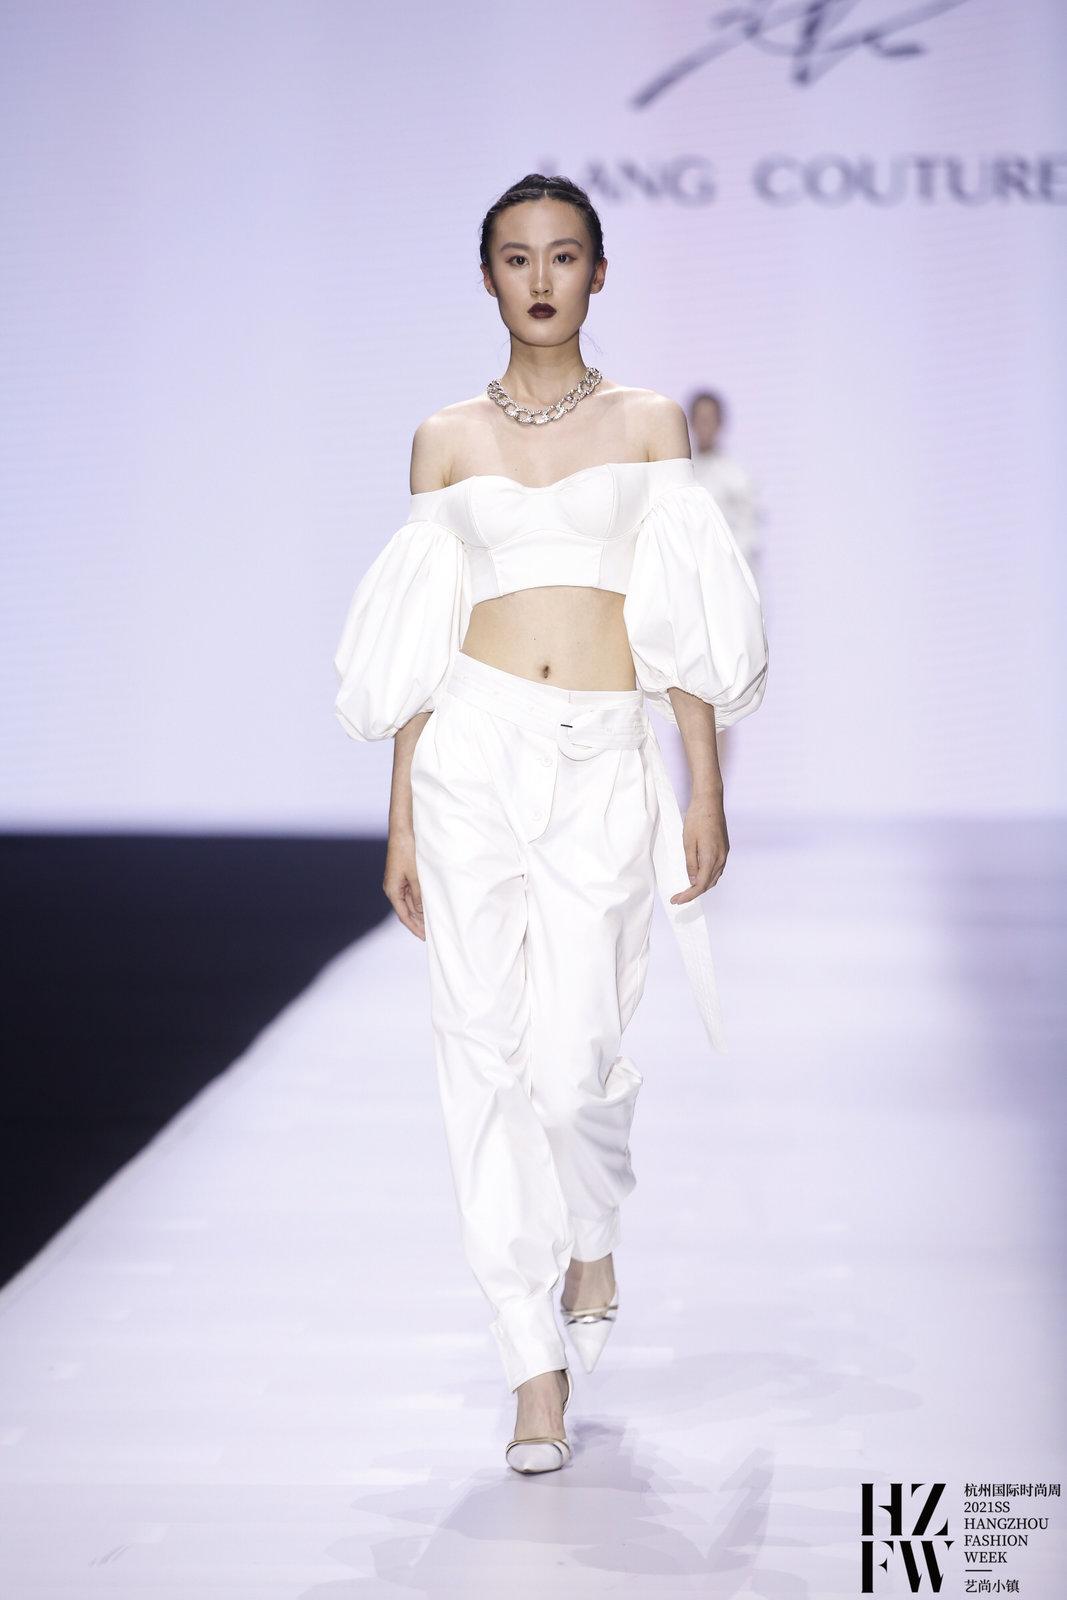 浪 COUTURE & Y·YUAN fashion me 造型發布會